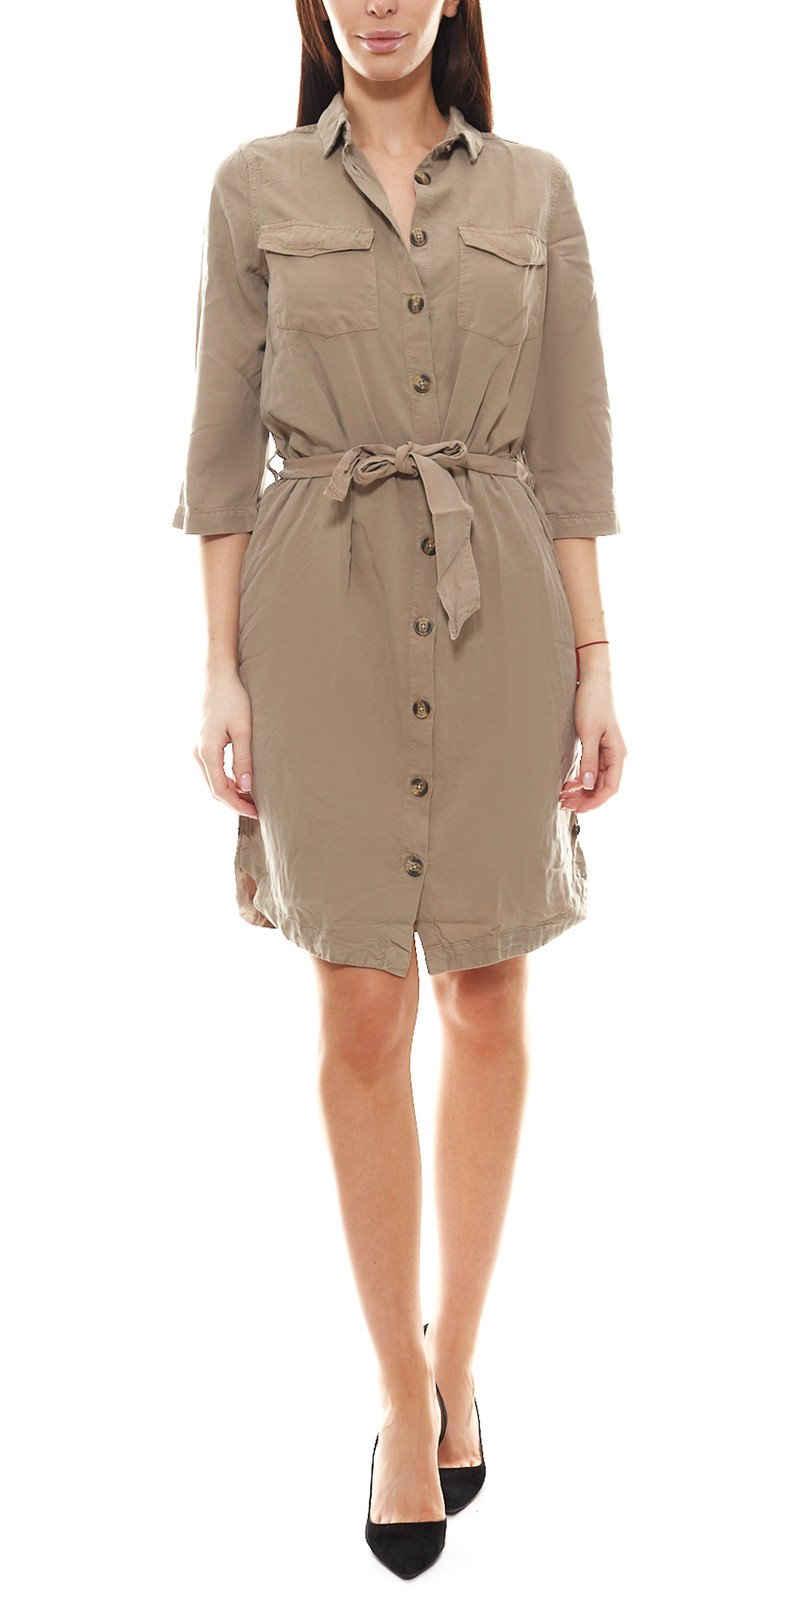 Garcia Hemdbluse »GARCIA Utility-Kleid sommerliches Damen 3/4 Arm Kleid mit Hemdblusen-Kleid Freizeit-Kleid Beige«